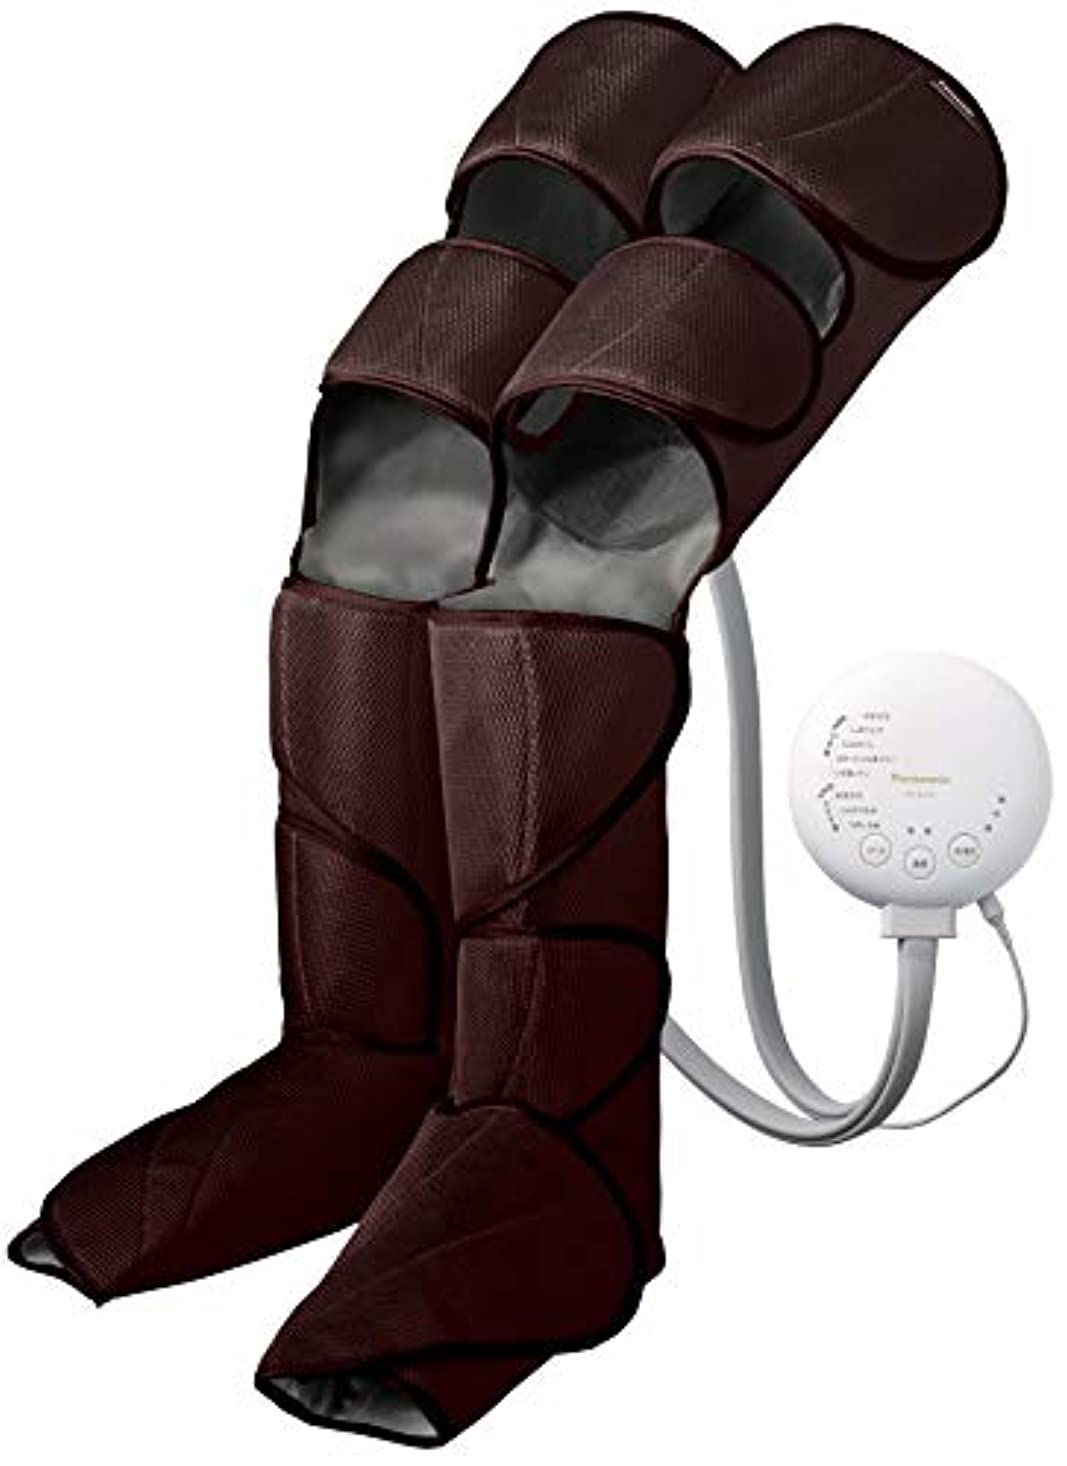 検査官刺激するレベルパナソニック エアーマッサージャー レッグリフレ ひざ/太もも巻き対応 温感機能搭載 ダークブラウン EW-RA98-T